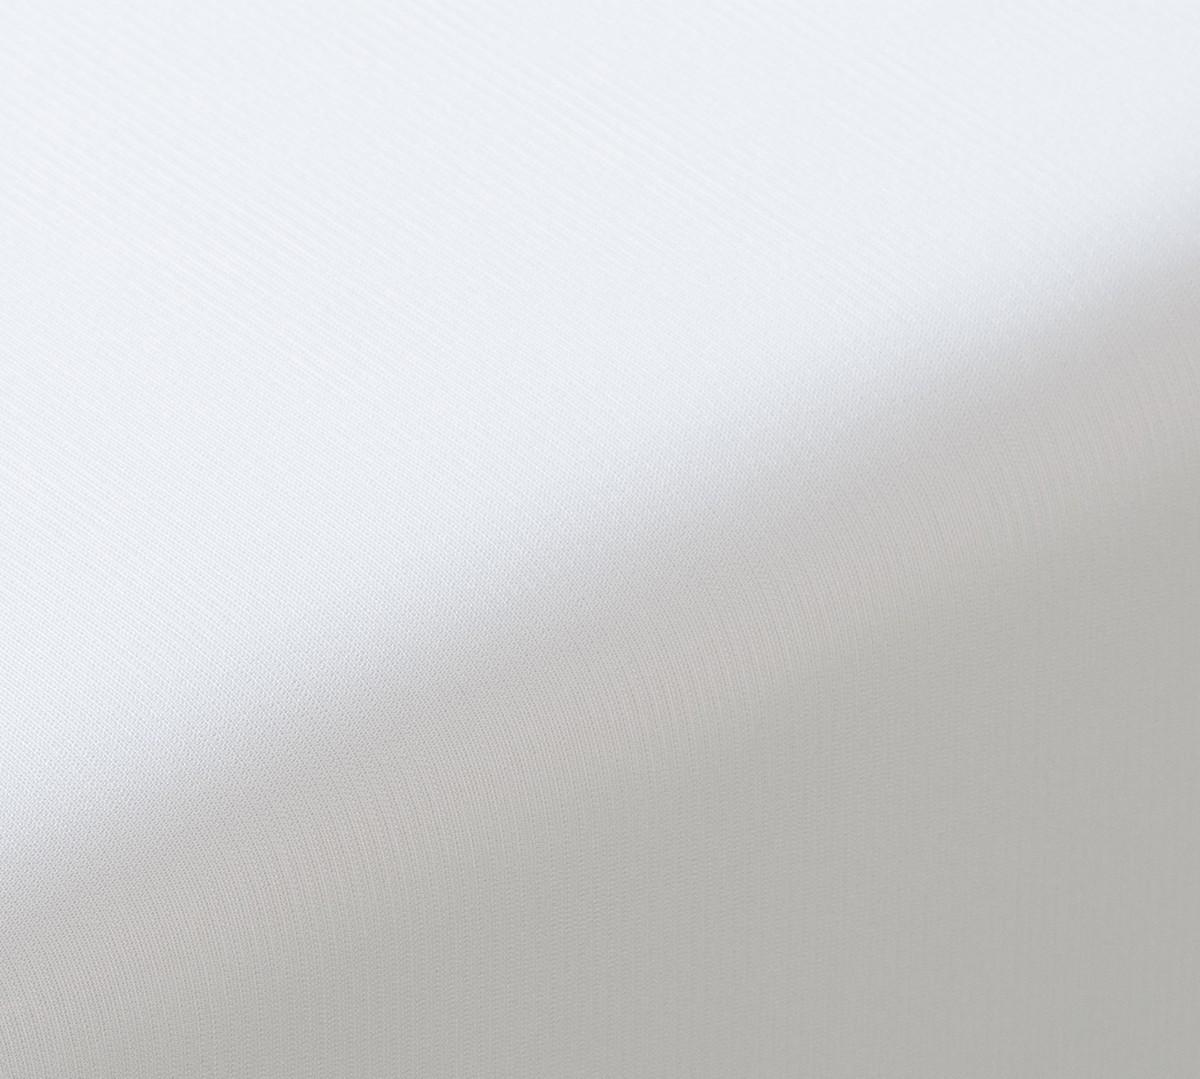 Funda de Colchón Antiácaros Impermeable y Transpirable - Fundas de colchón